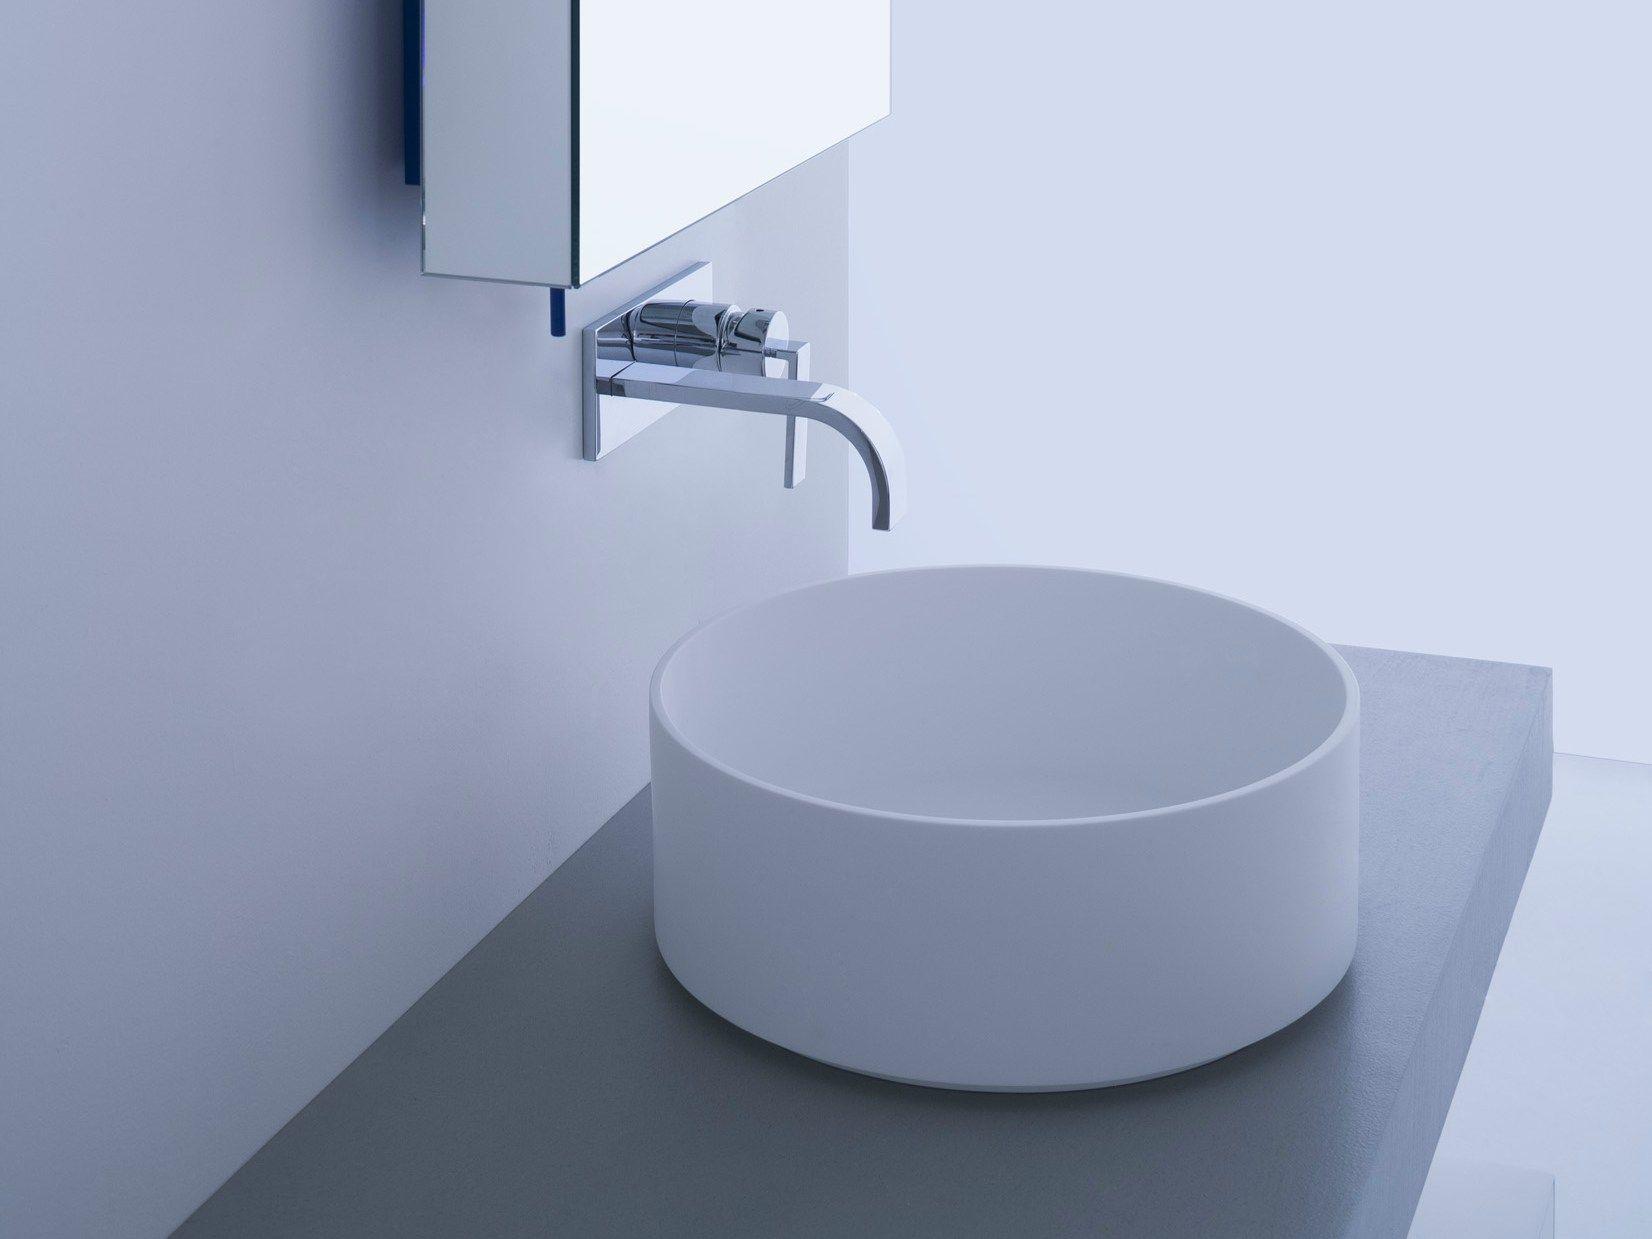 Arlex Arredo Bagno Prezzi.Lavabo Da Appoggio Rotondo Arke By Arlex Design David Dolcini Banconi Design Arredamento Bagno